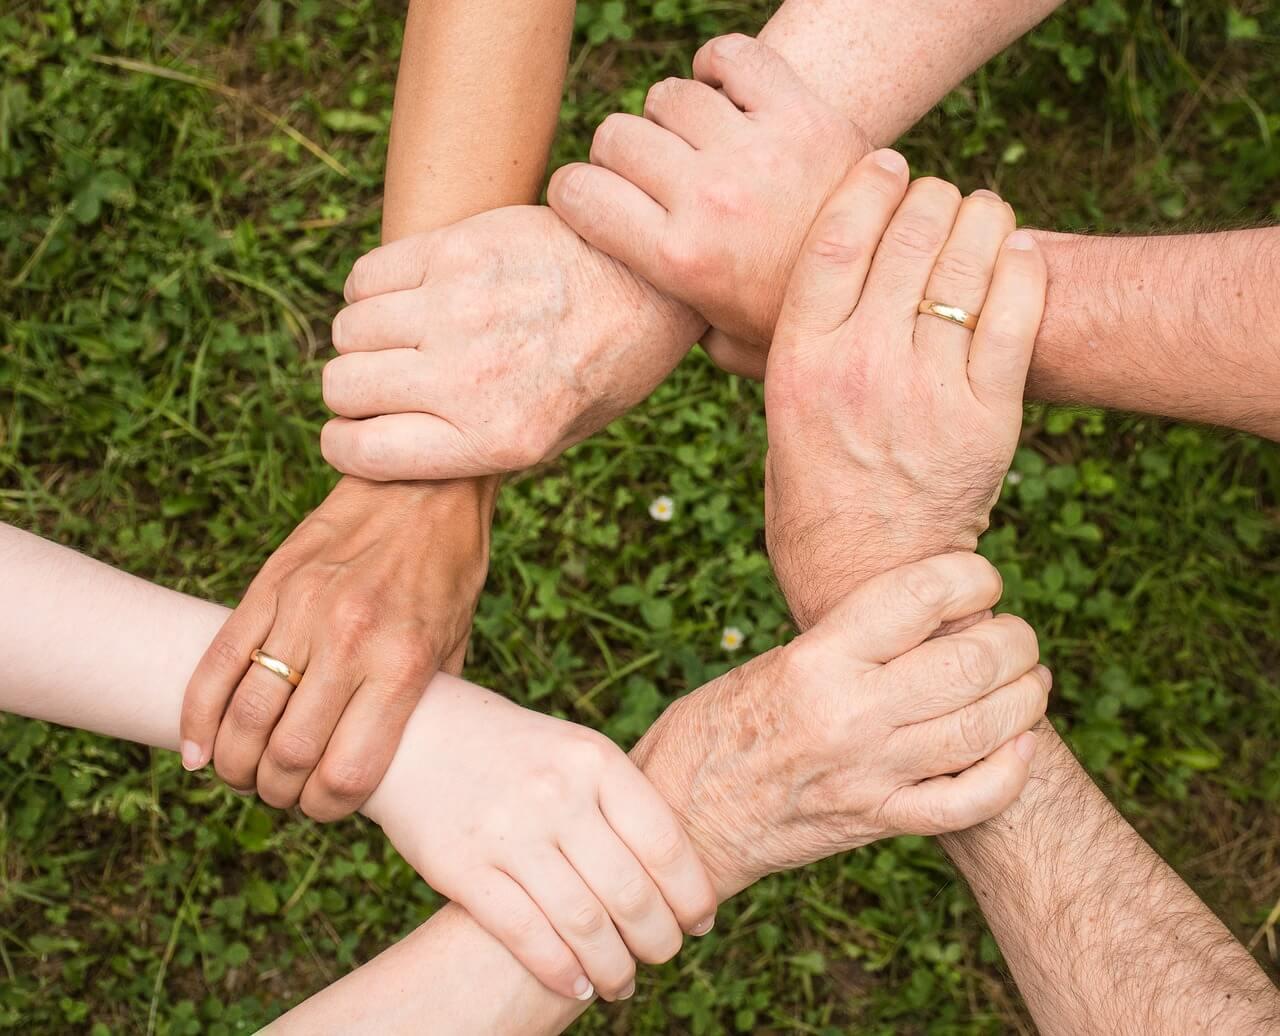 Ehrenamt: Neuer Ehrenamtsfreibetrag für Geflüchtete